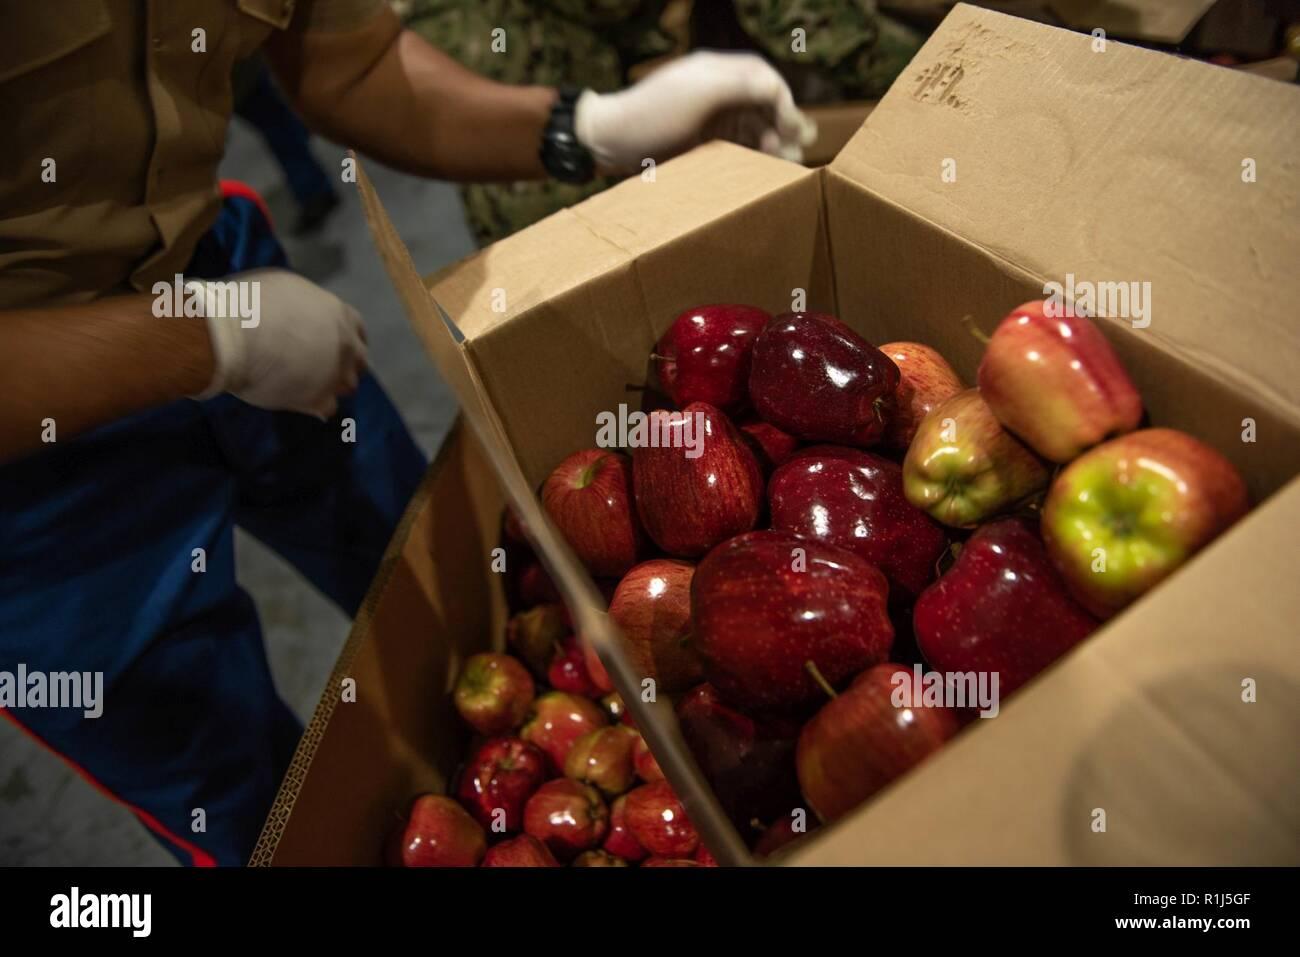 Marinesoldaten Und Matrosen Last Kisten Mit äpfeln Am San Francisco